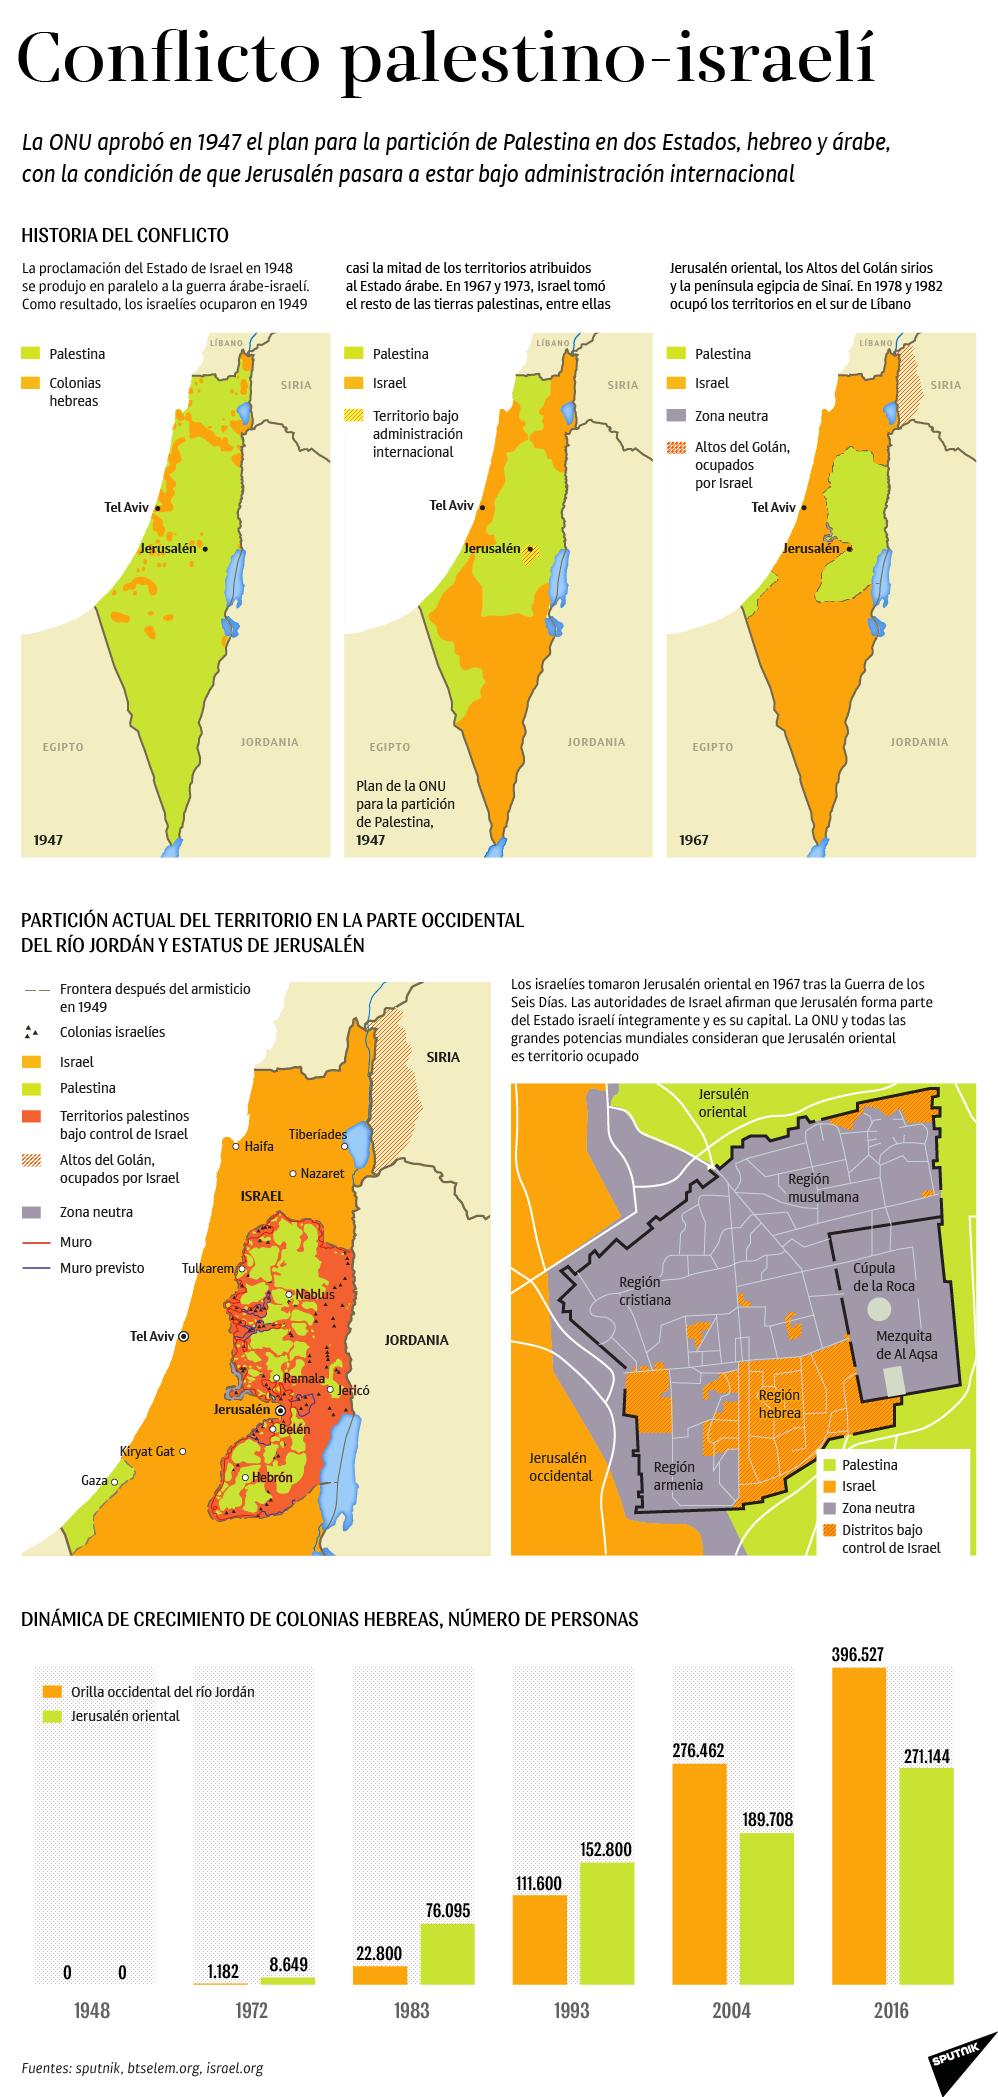 Todo lo hay que saber sobre el conflicto palestino-israelí - Sputnik Mundo